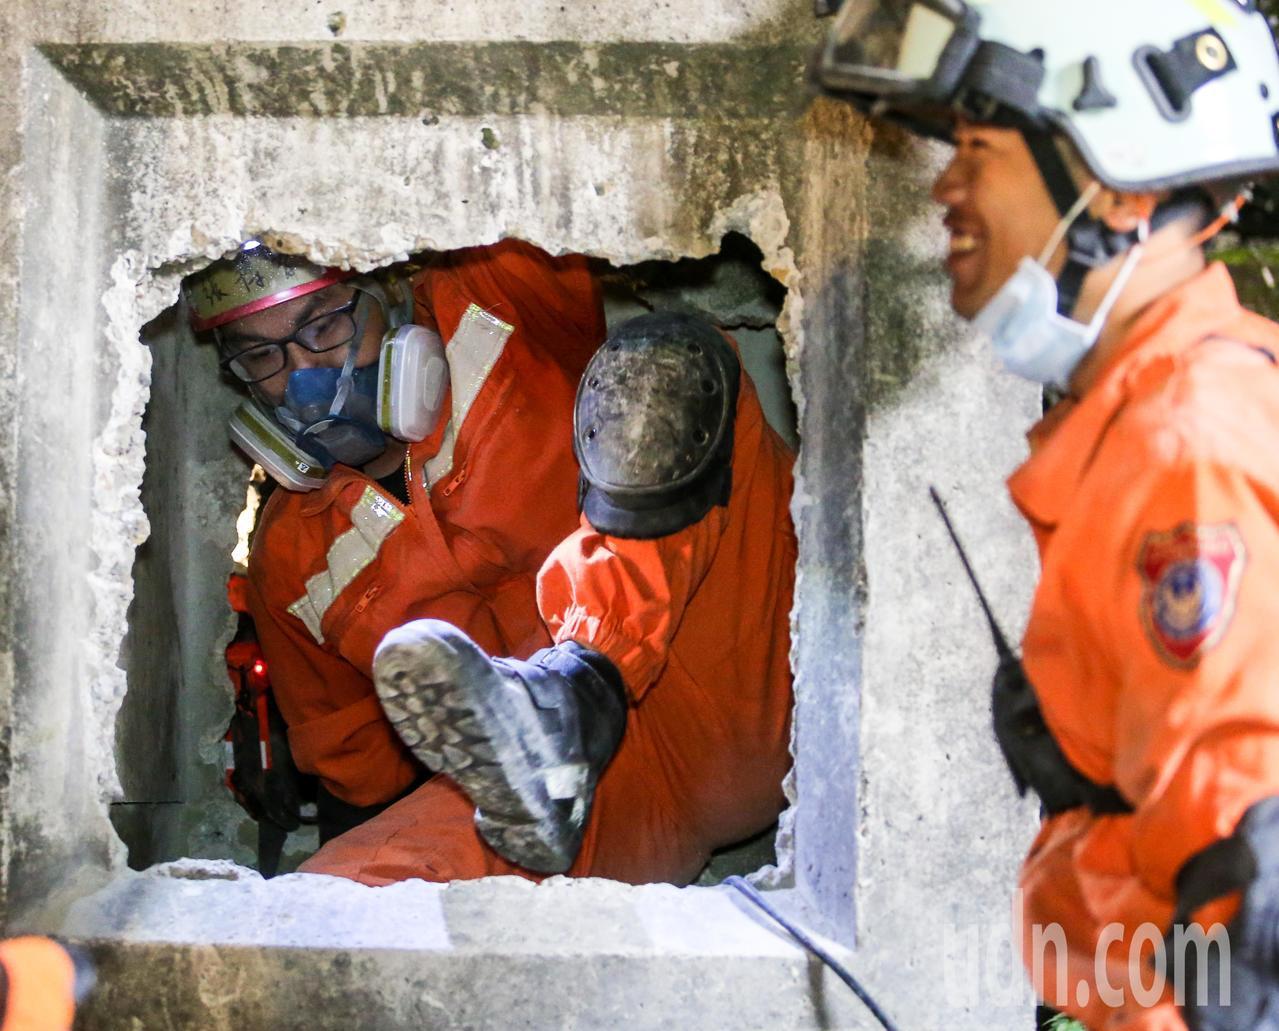 搜救隊模擬民眾受困斷垣殘壁間,在狹隘的隙縫中進行救援任務。記者鄭清元/攝影